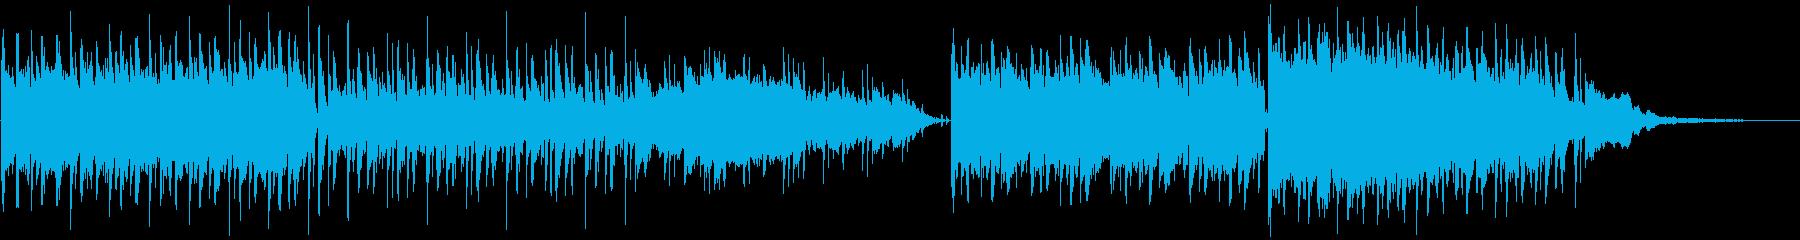 オリエンタルで妖艶なBGMの再生済みの波形